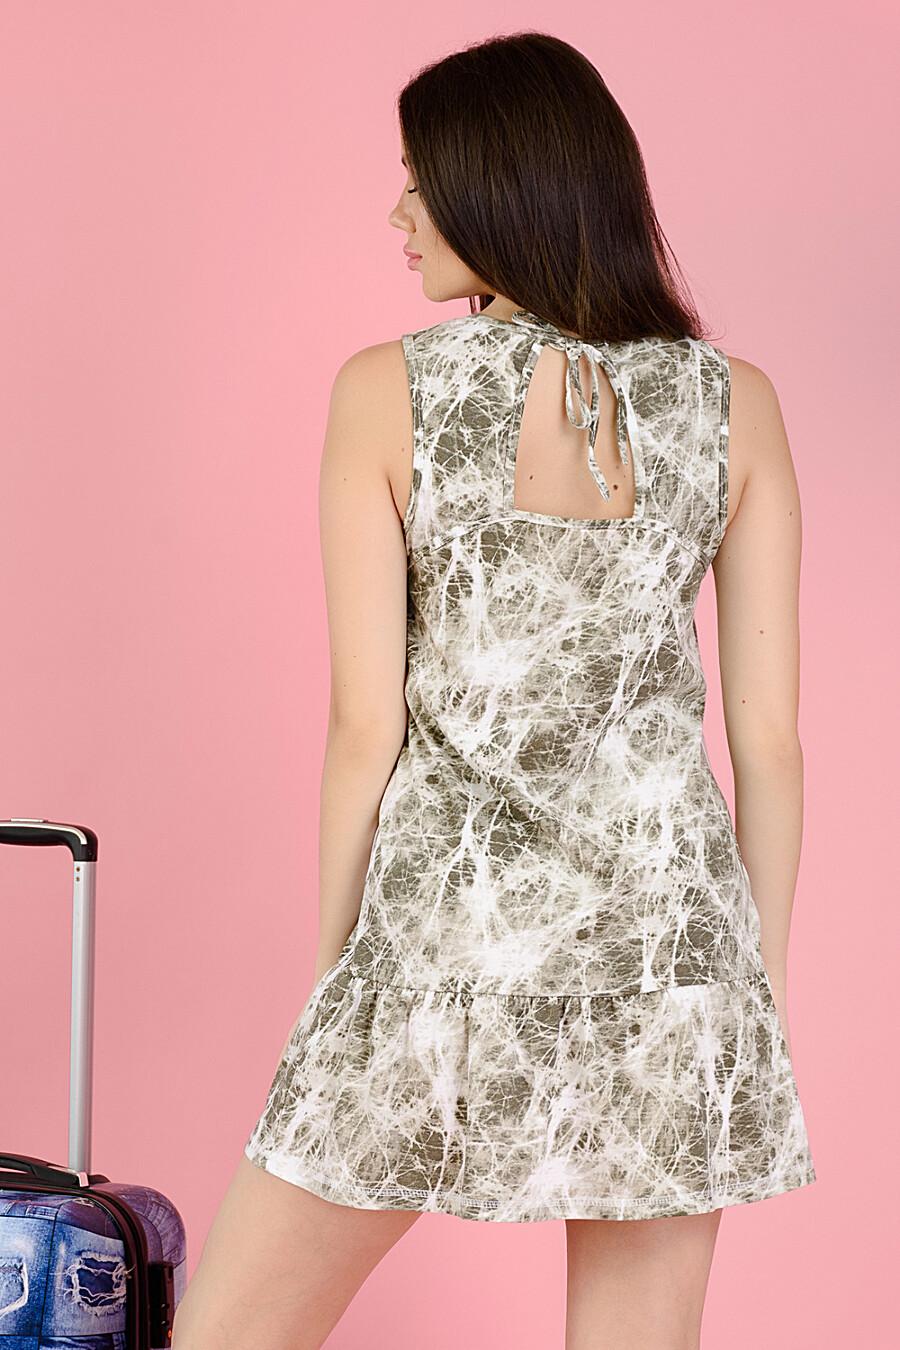 Сарафан 8119 для женщин НАТАЛИ 682472 купить оптом от производителя. Совместная покупка женской одежды в OptMoyo